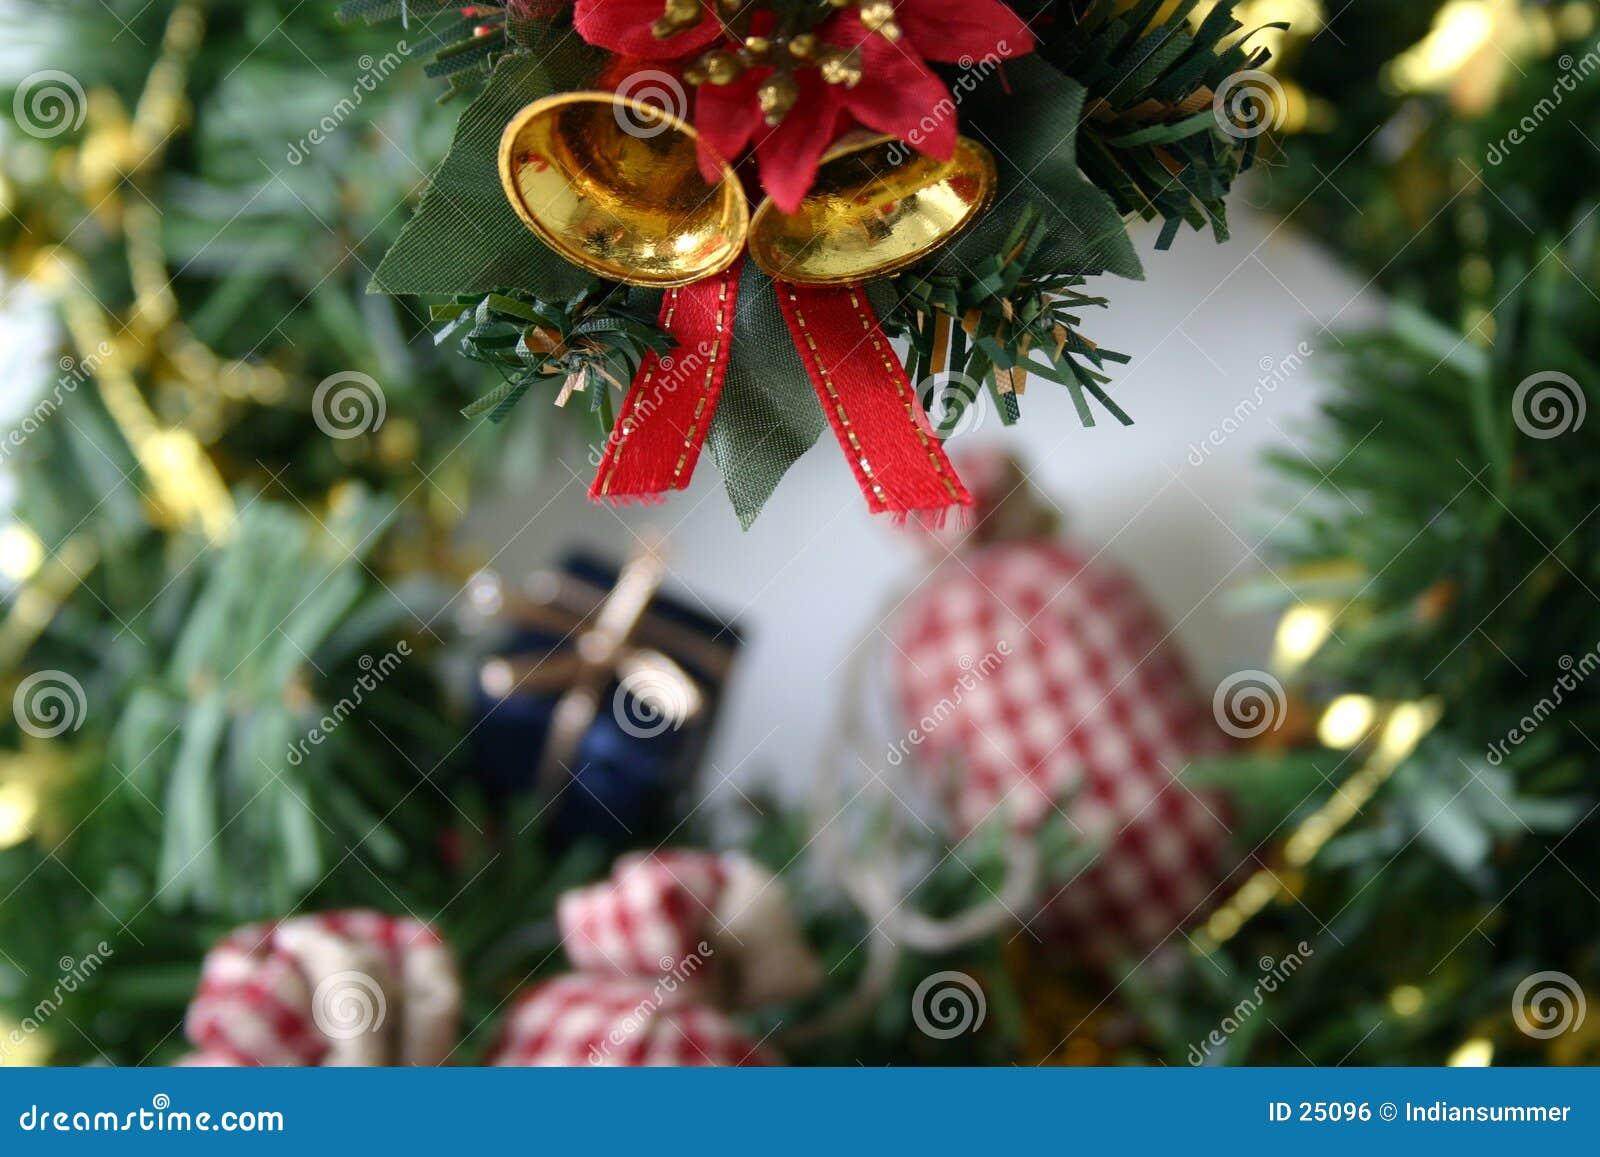 仍然圣诞节生活